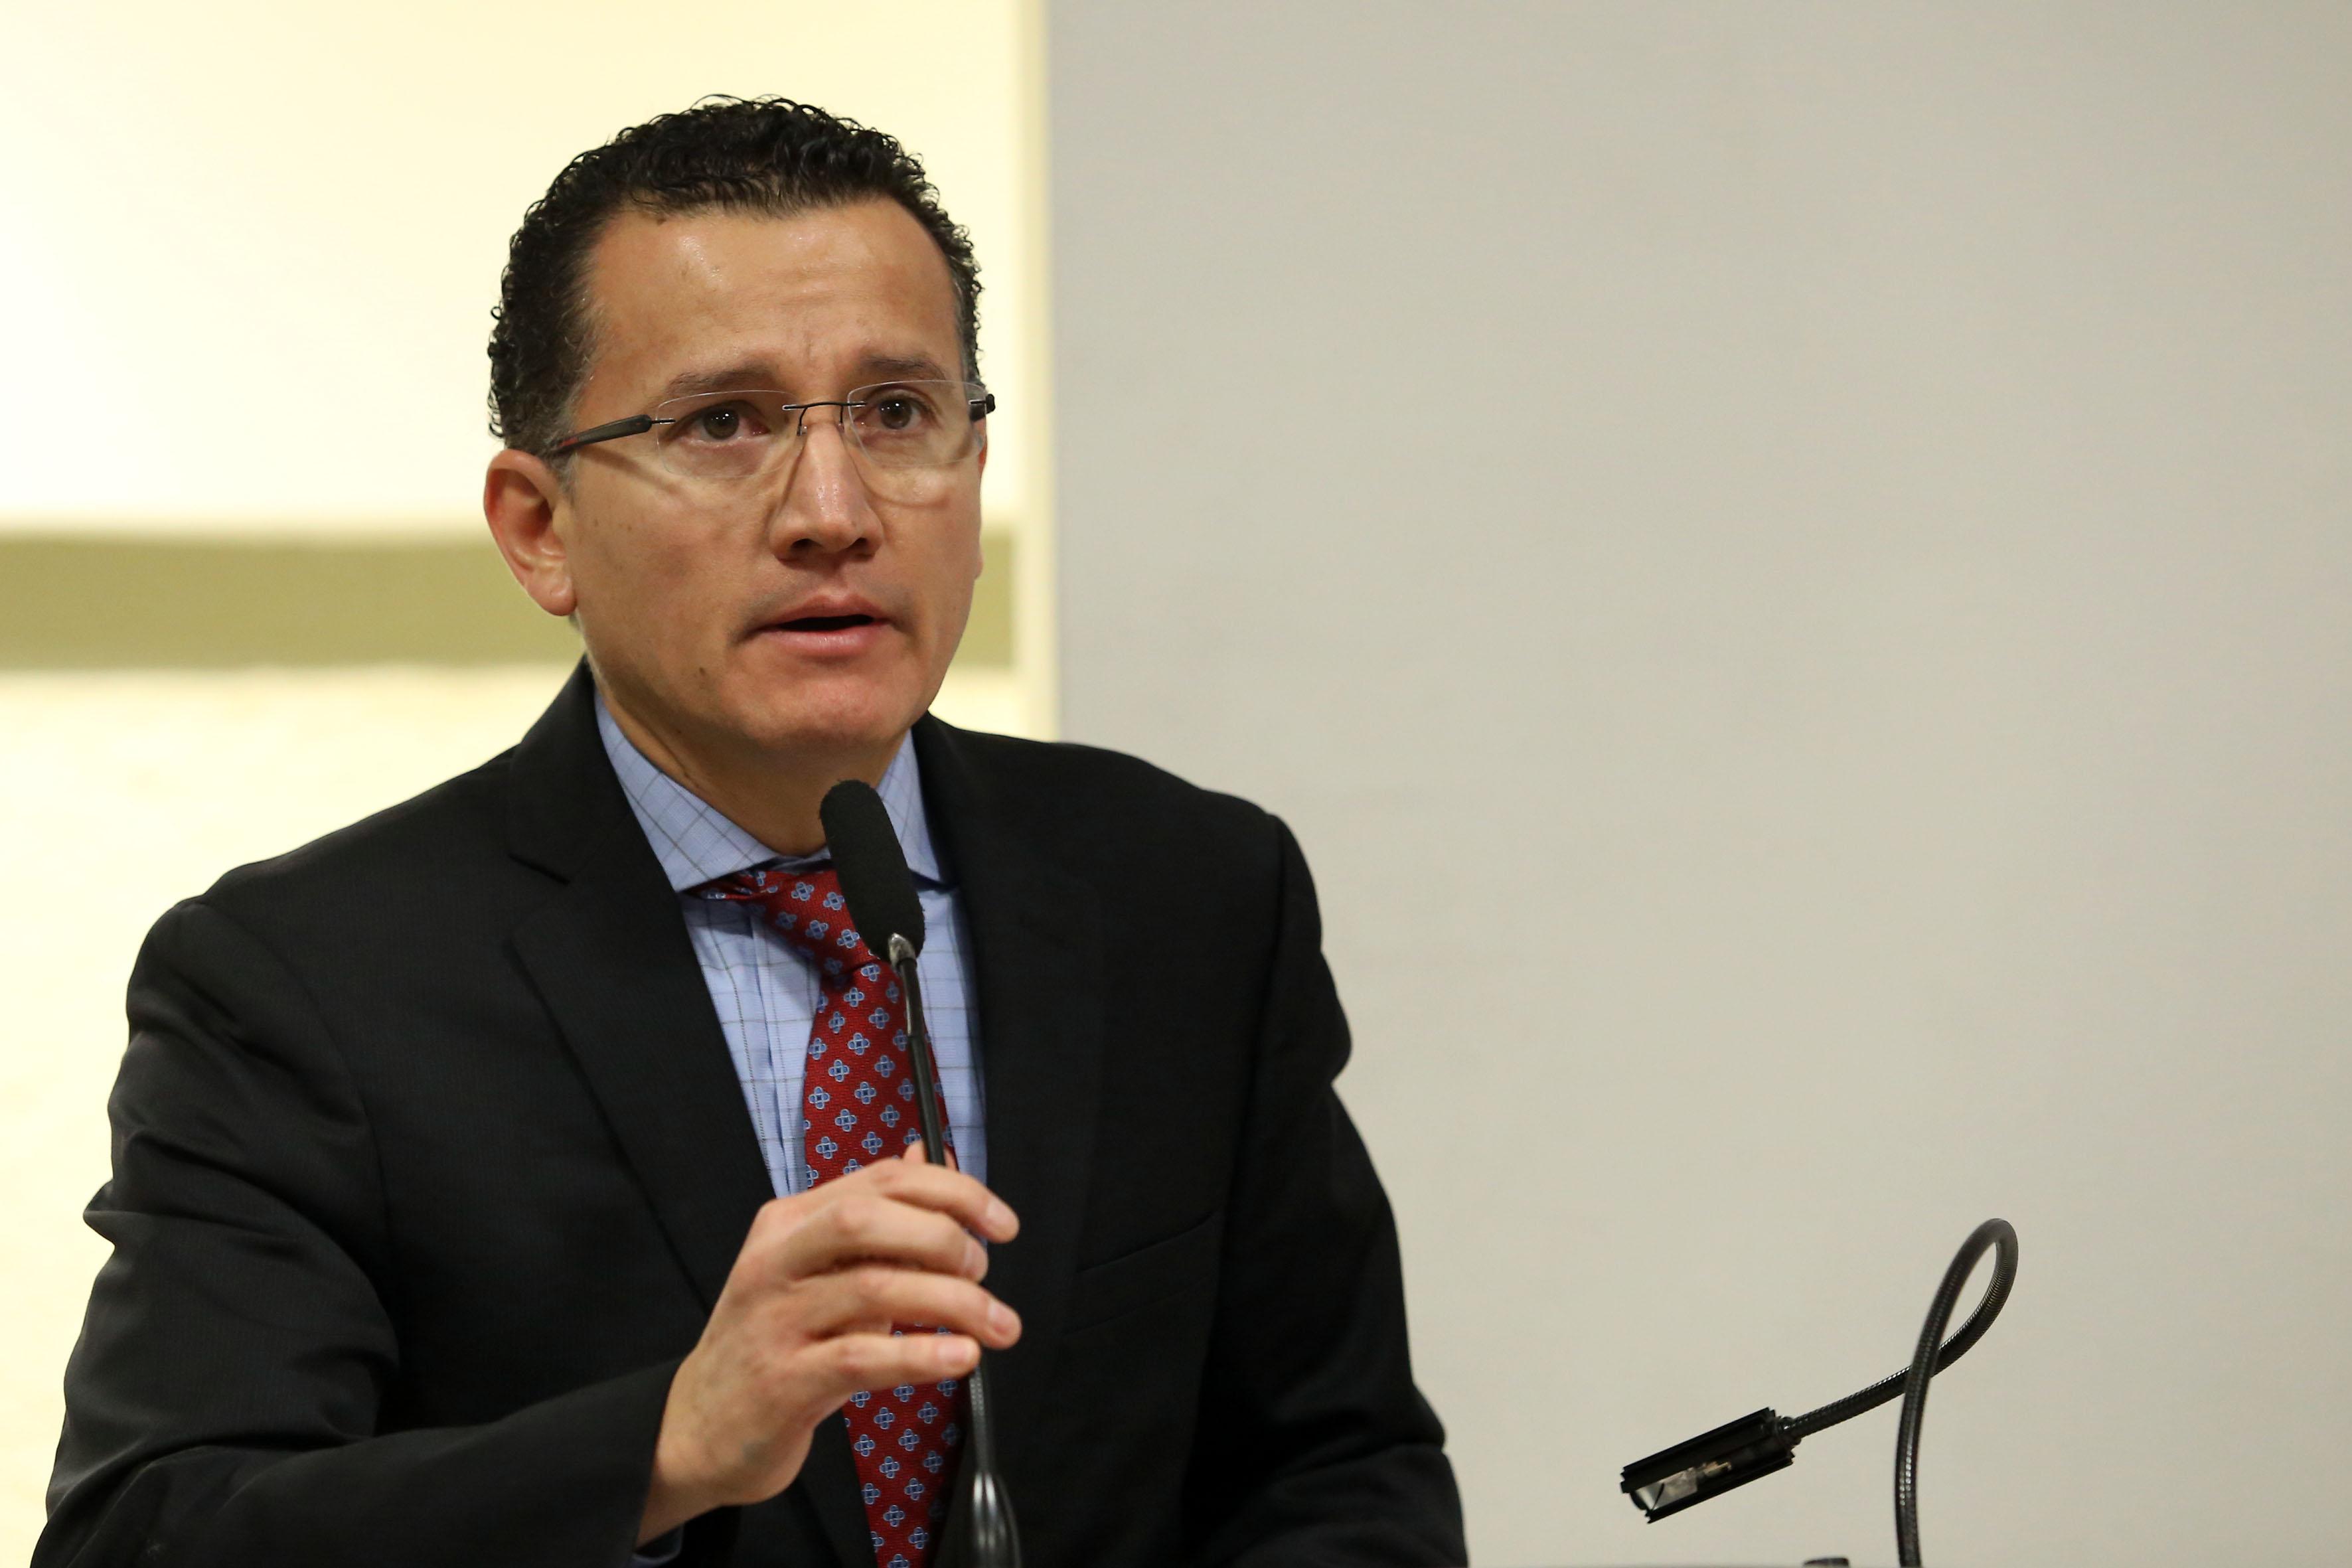 Dr. Eduardo Gómez, al micrófono en el podio